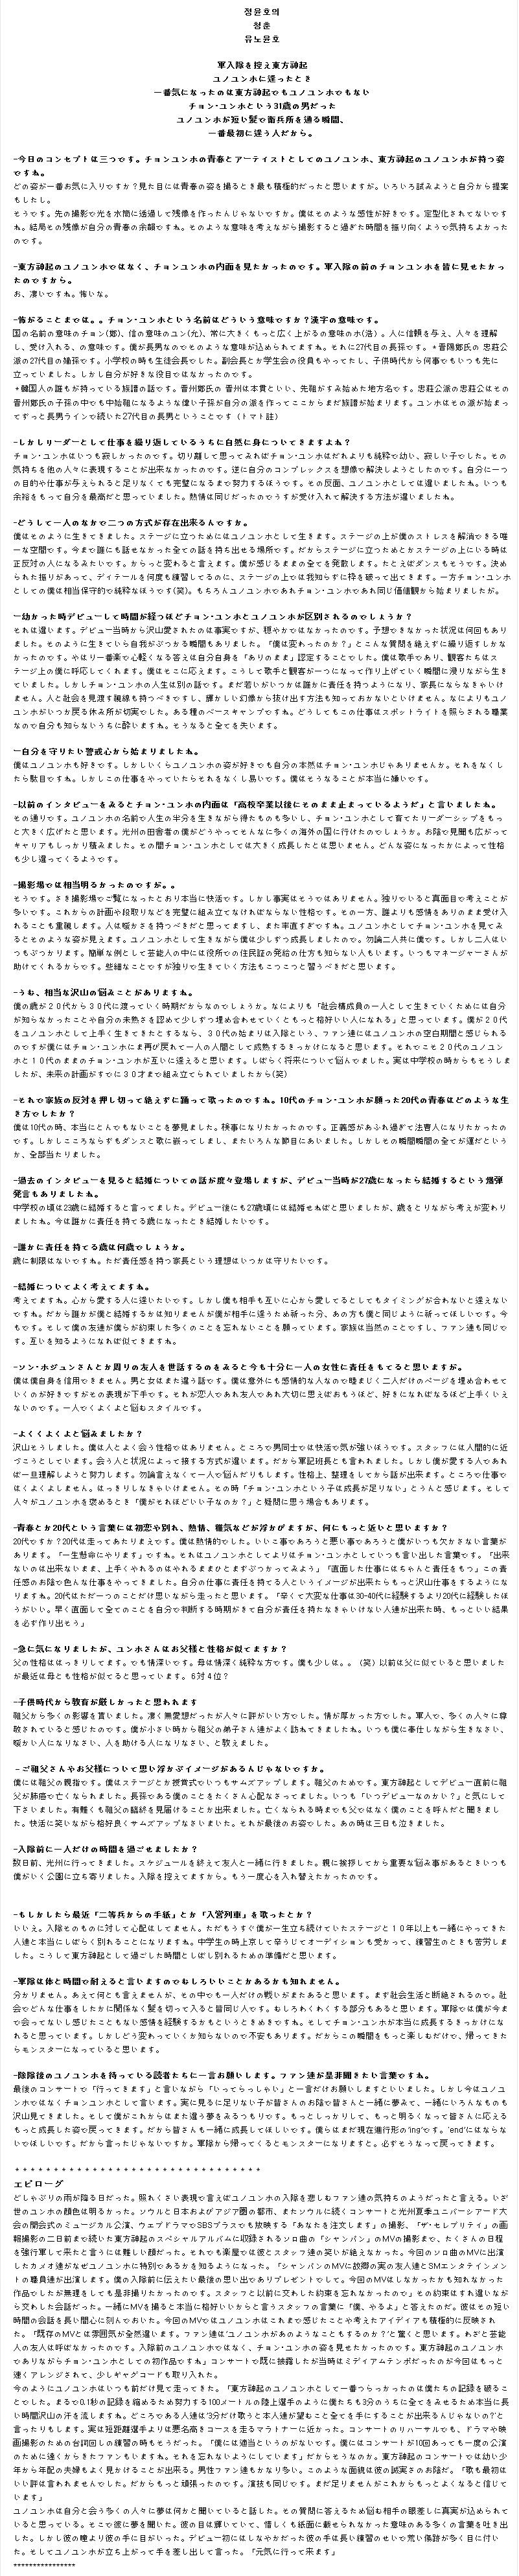 daum_net_20150718_213030.jpg